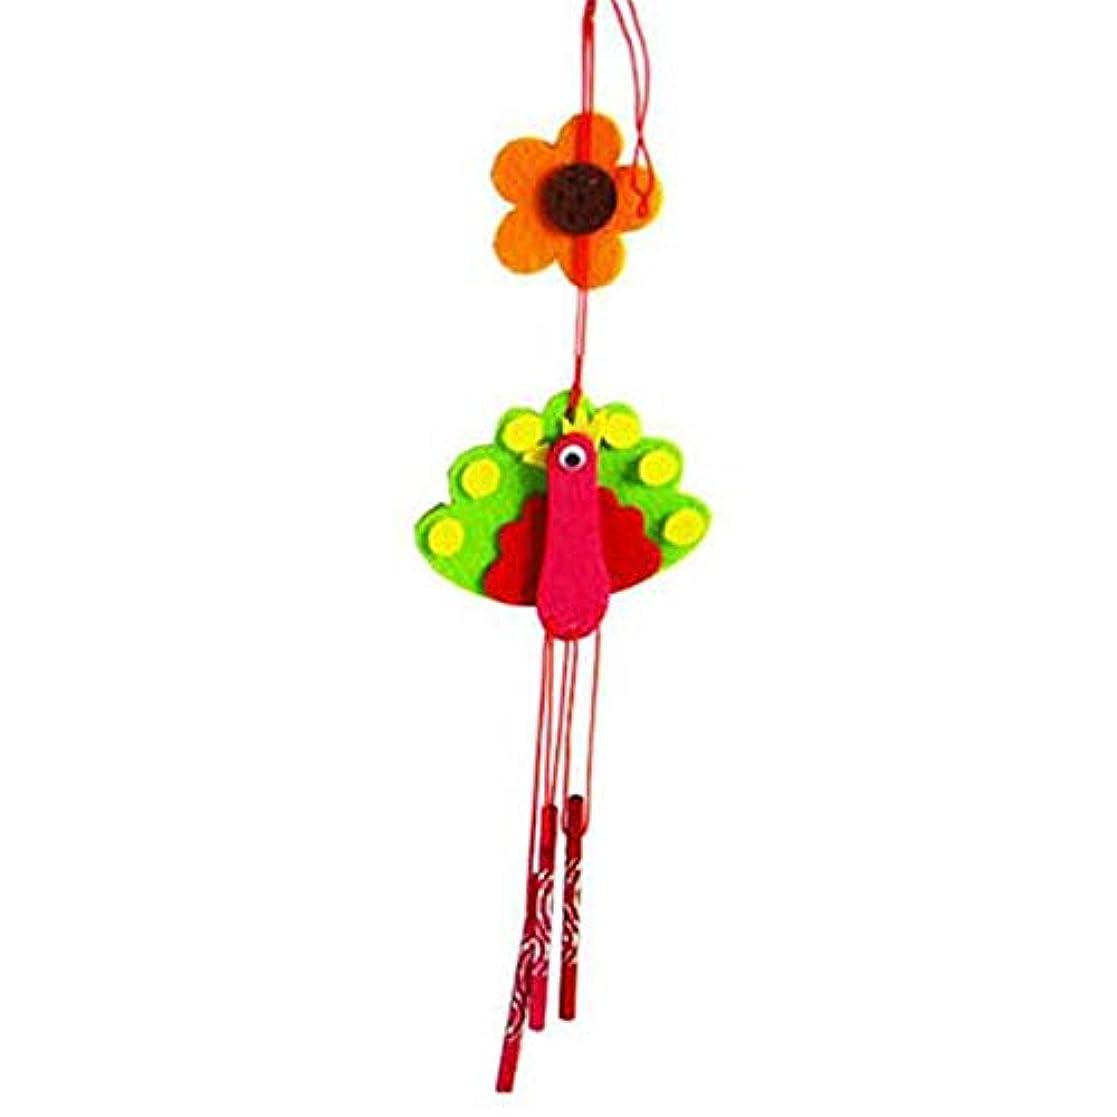 密郵便局闘争Hongyuantongxun 風チャイム、クリエイティブ手作りDIY生産資材パッケージ風チャイム、パープル、全身について35CM,、装飾品ペンダント (Color : Green)